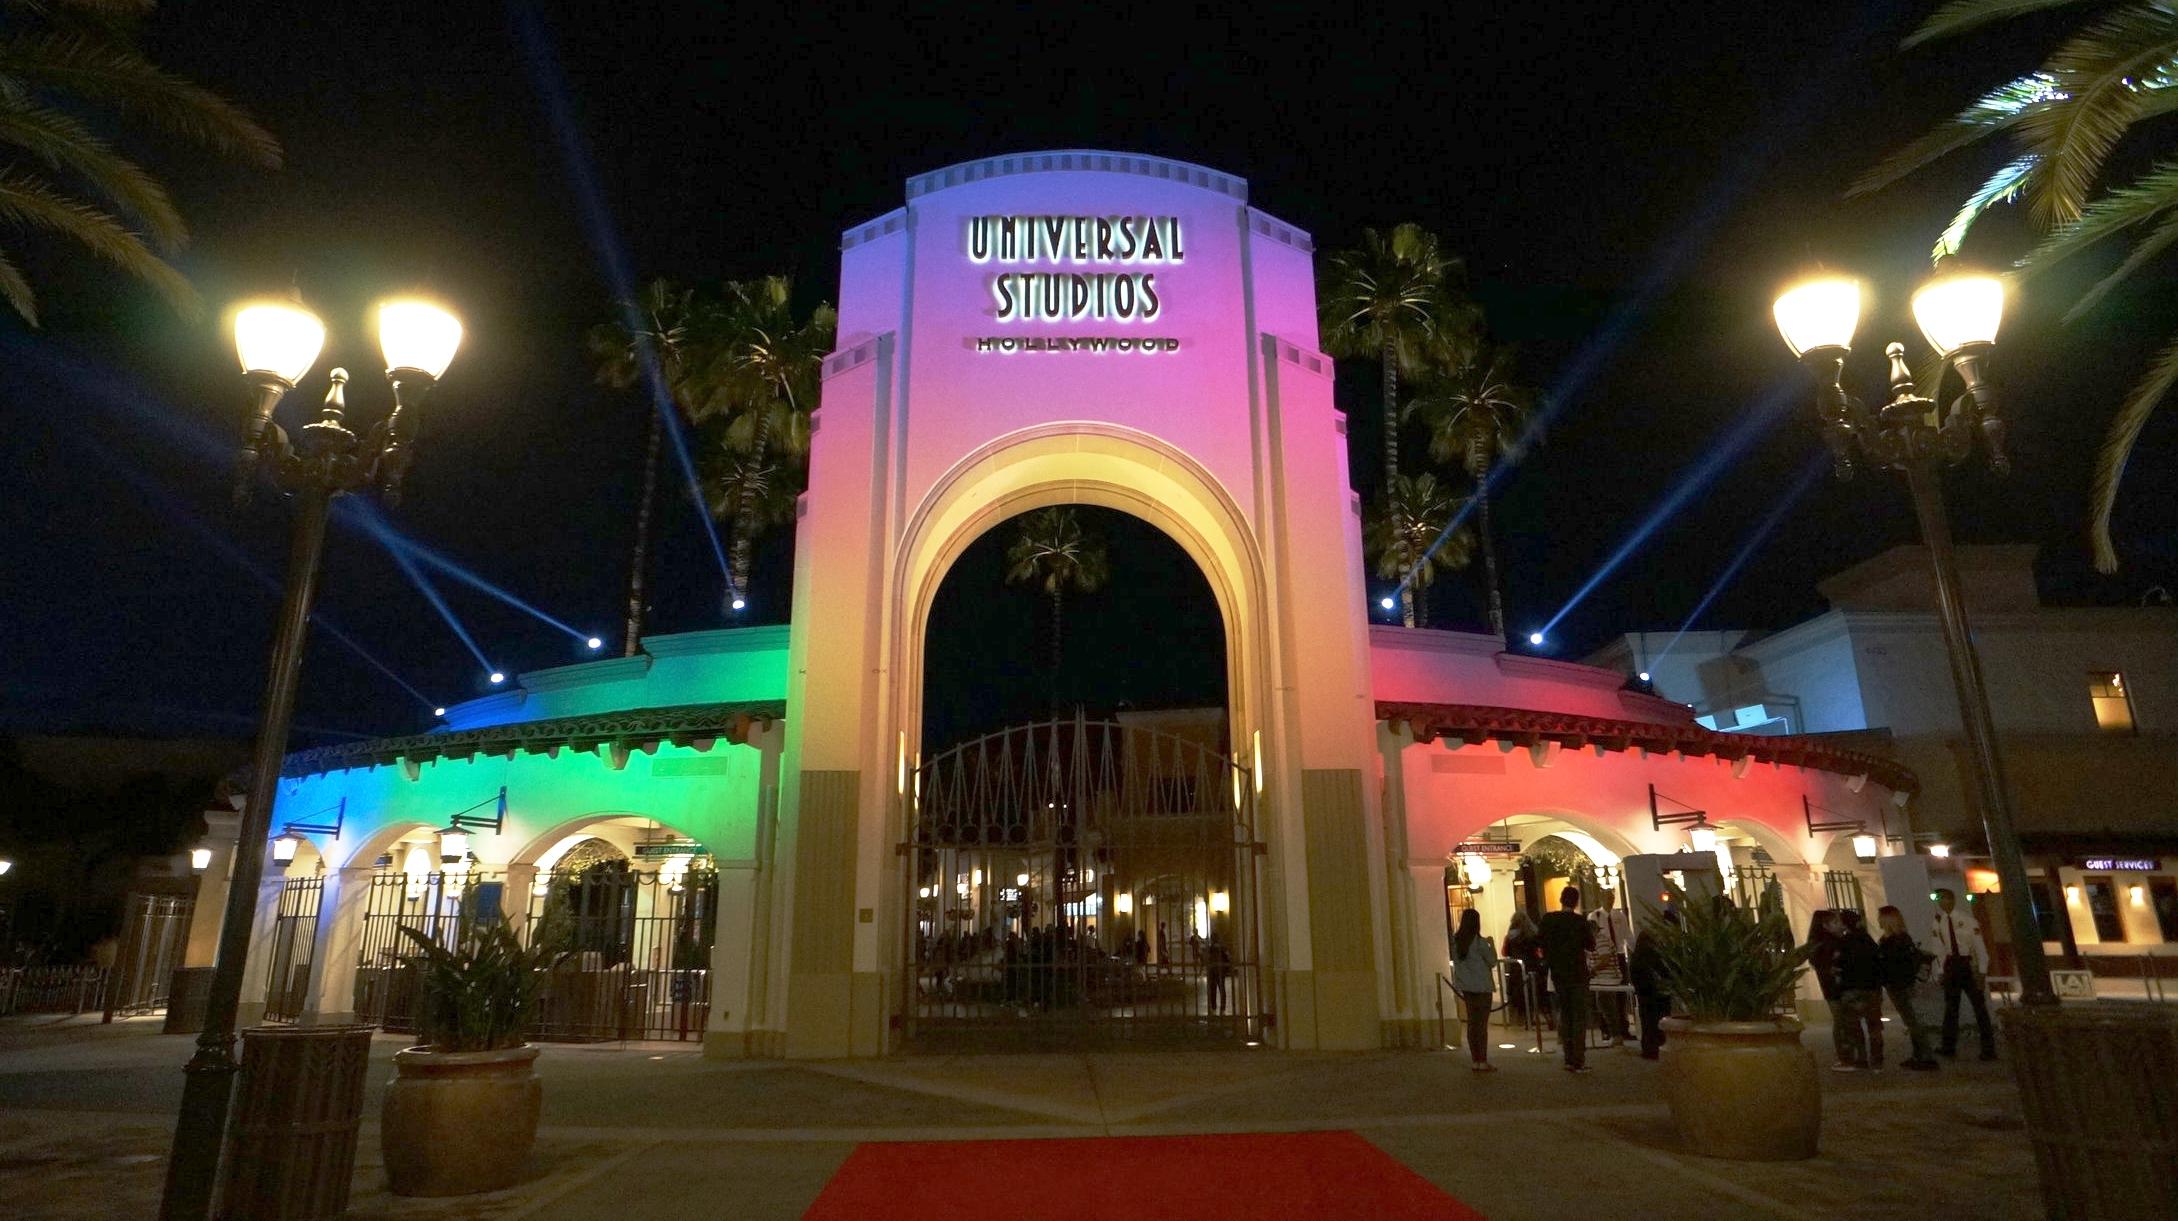 LA Pride 2017 - Universal Studios Hollywood